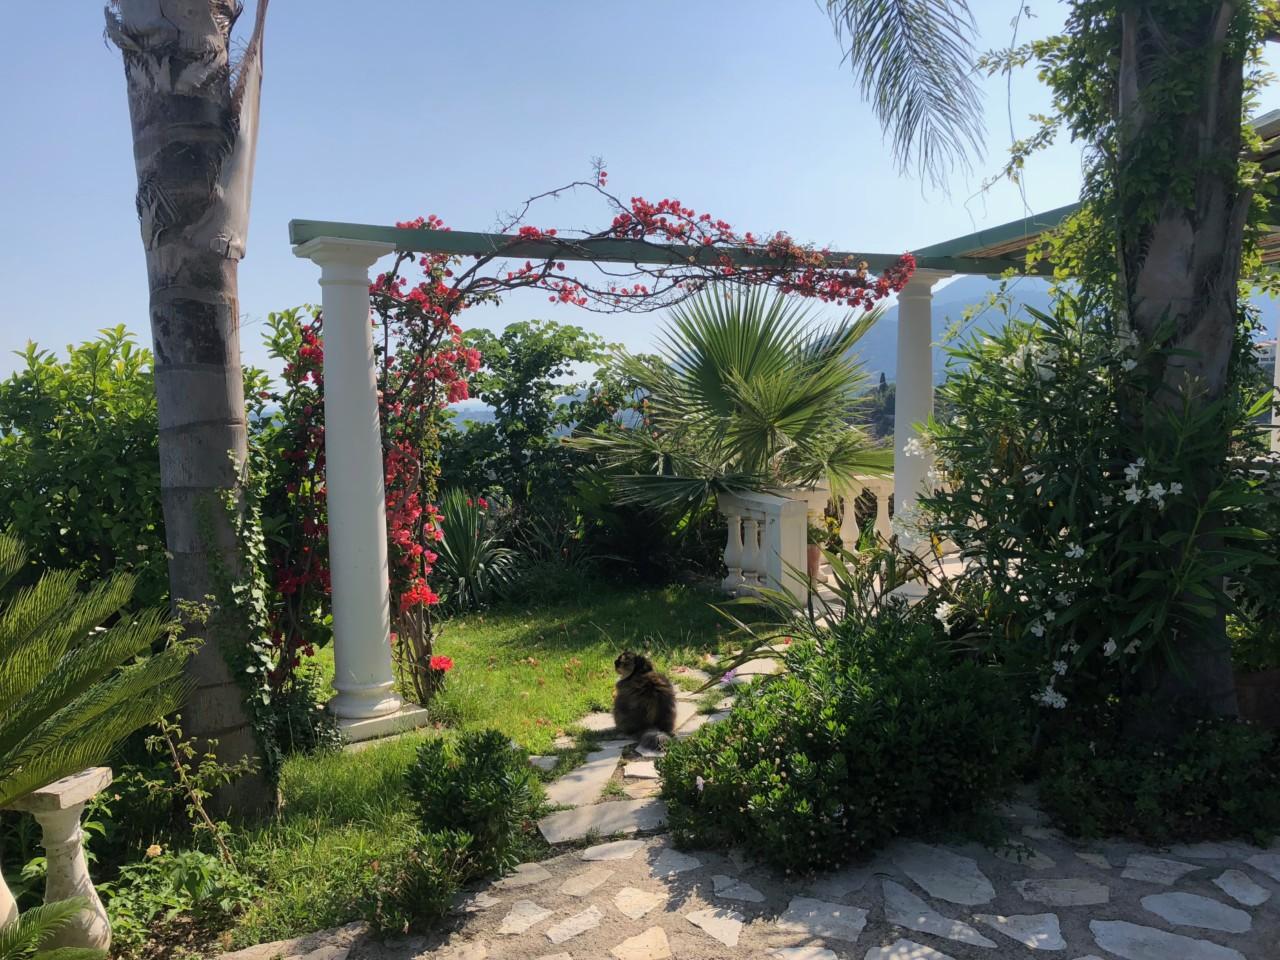 hage-frankrike-middelhavet-green-house